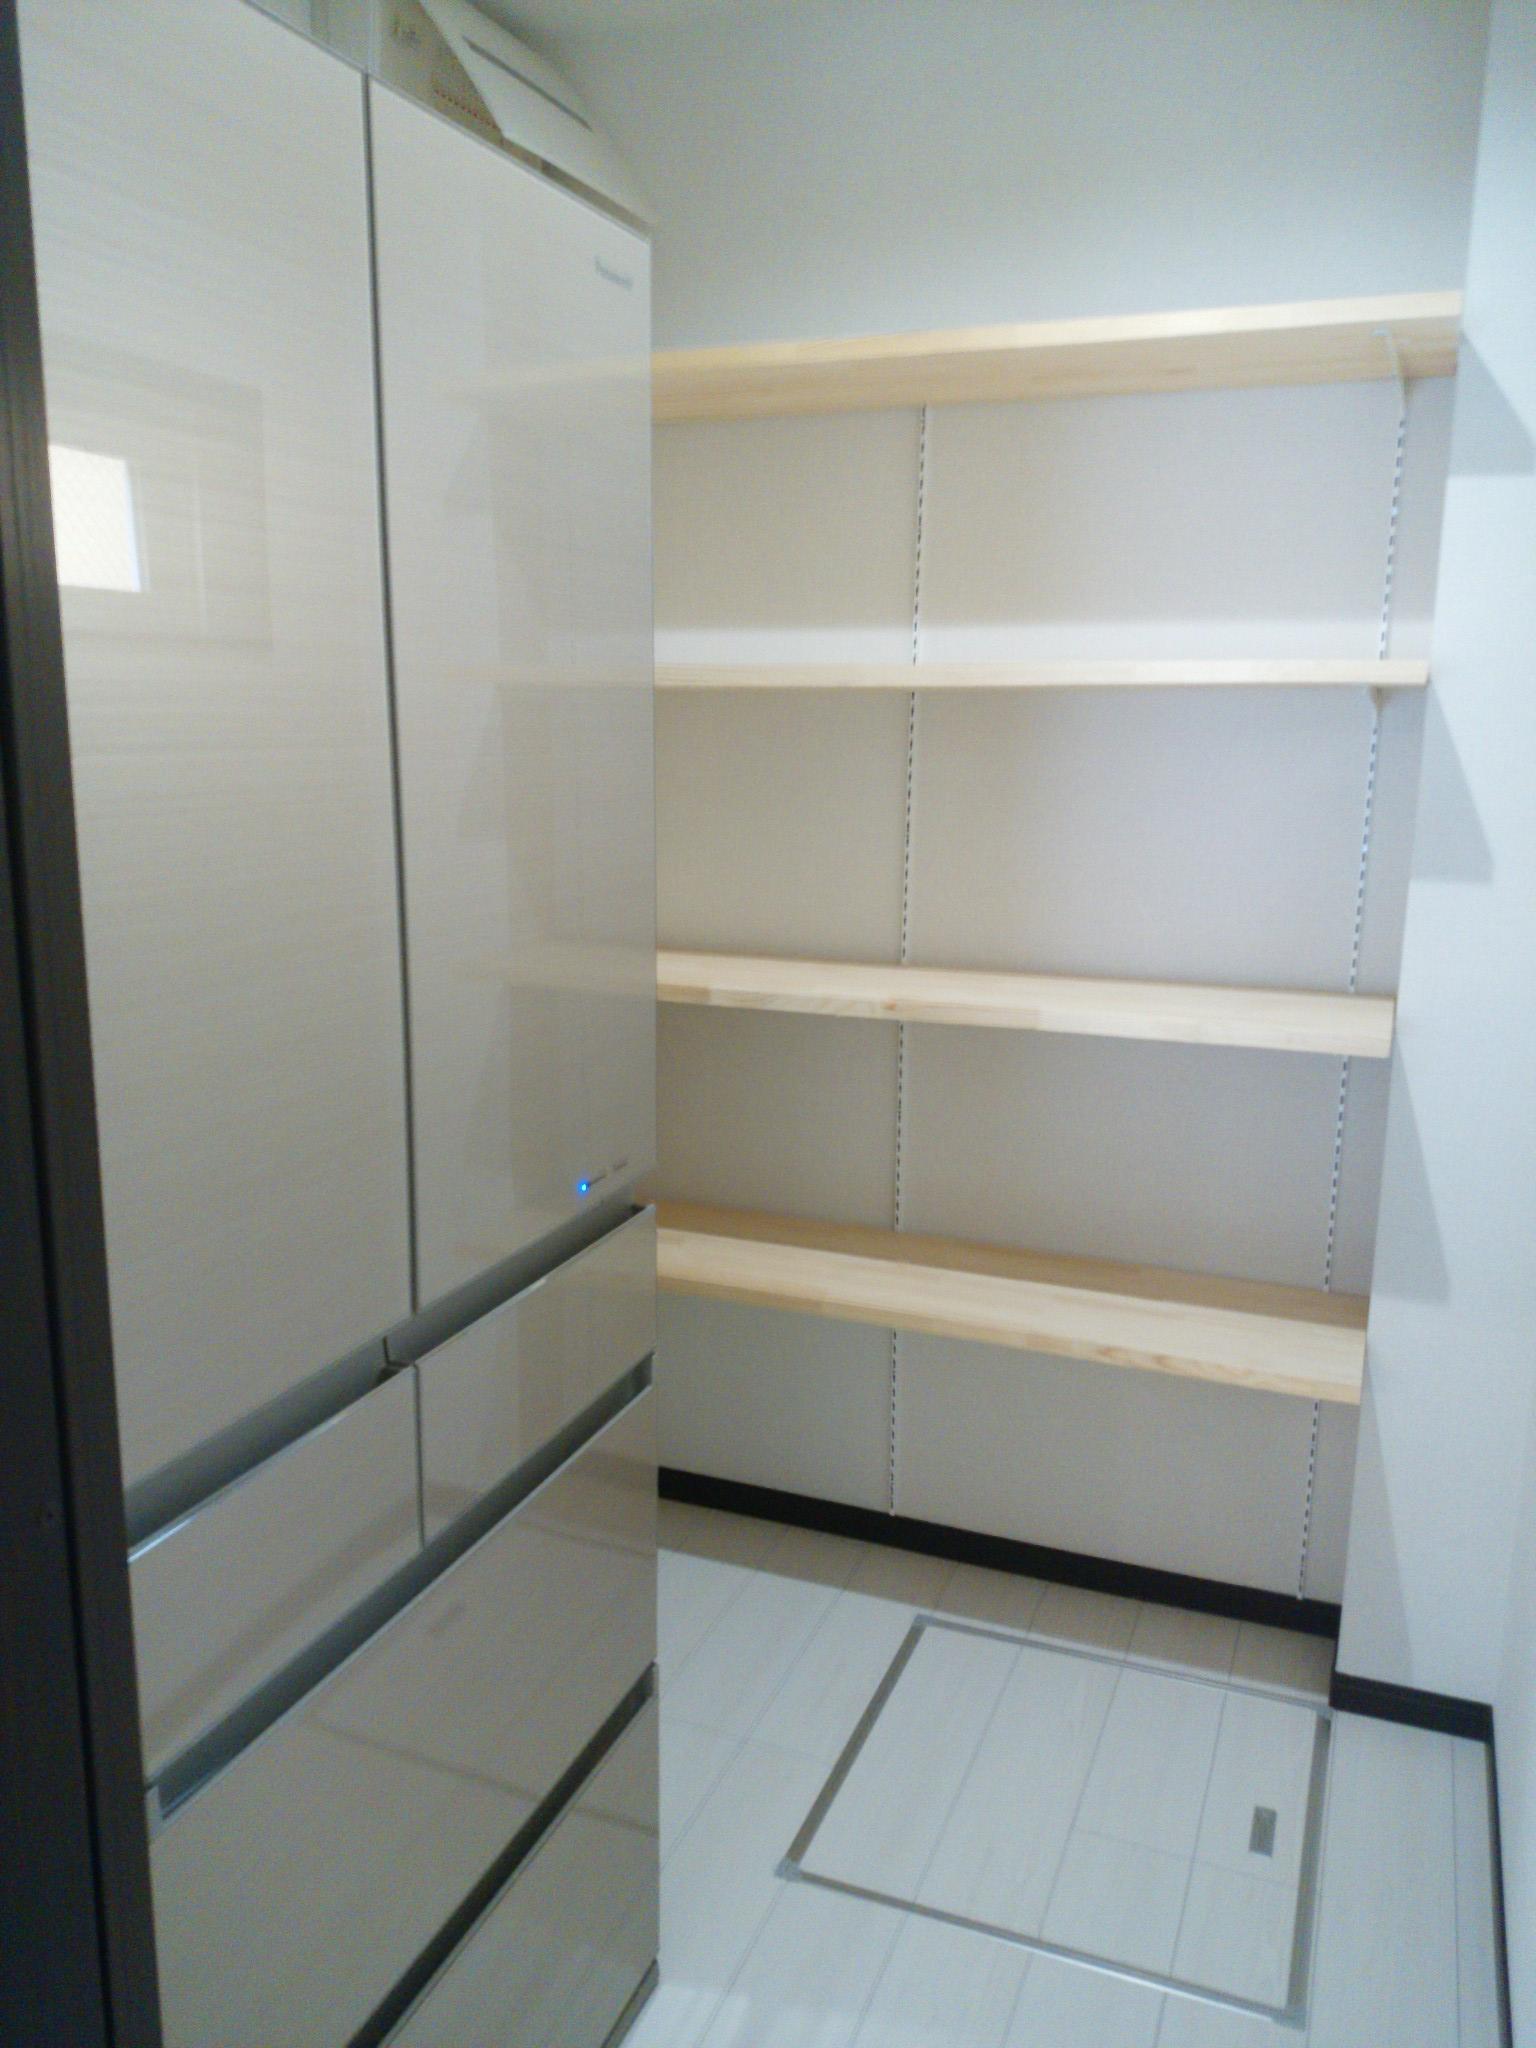 大容量のパントリー。生活感の出る冷蔵庫も隠します。